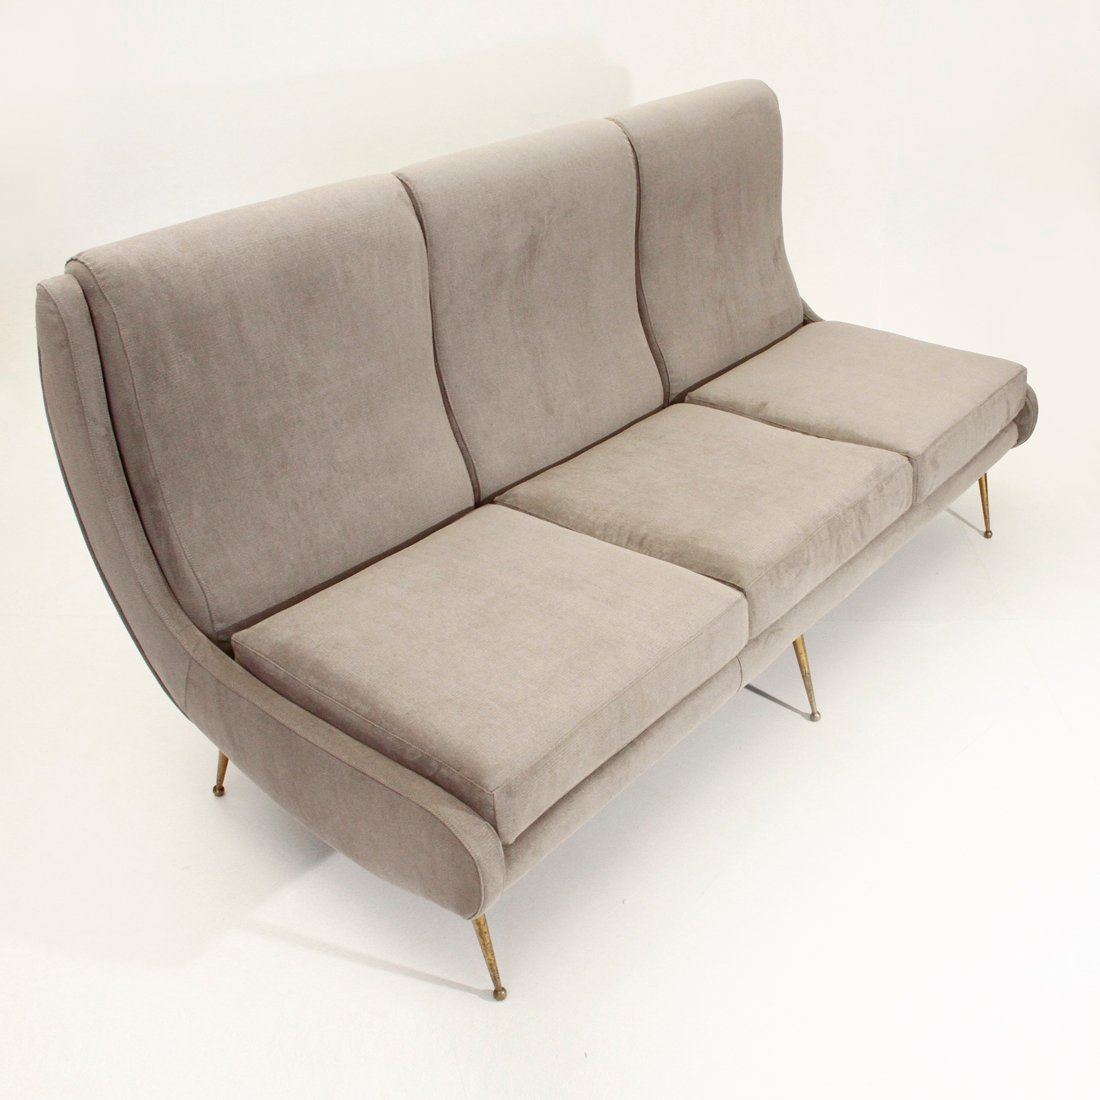 italienisches 3 sitzer sofa mit beinen aus messing 1950er bei pamono kaufen. Black Bedroom Furniture Sets. Home Design Ideas